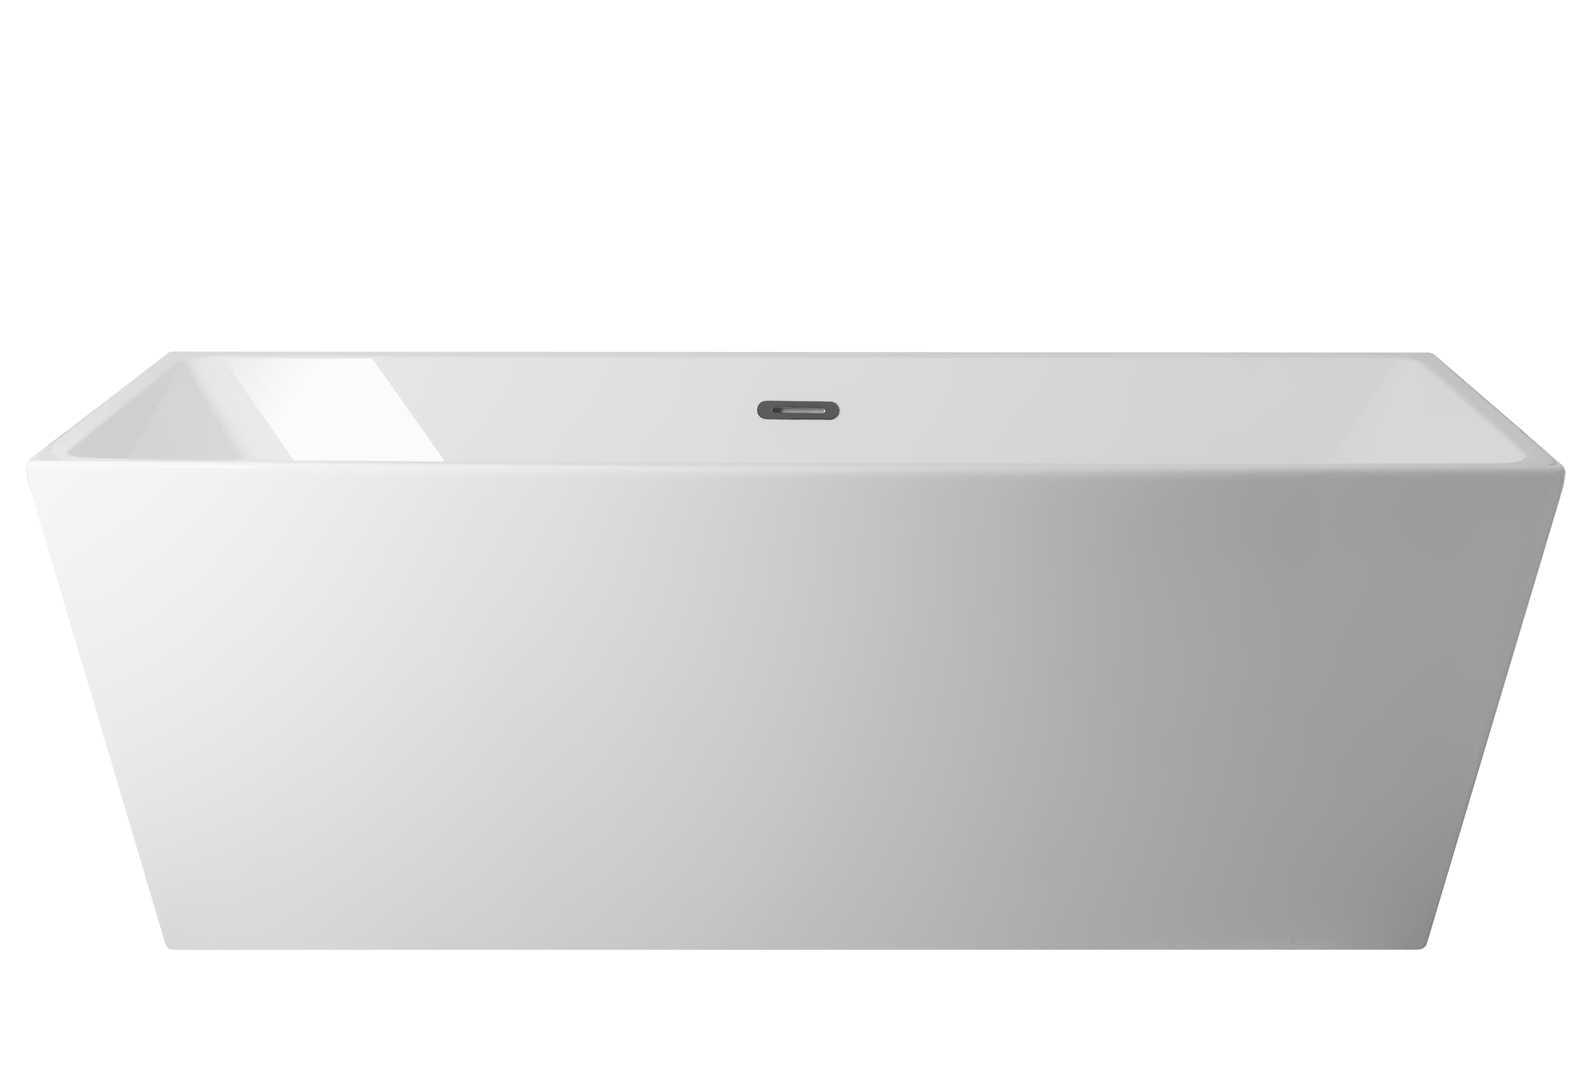 Corsan wanna wolnostojąca akrylowa LONGA 170x80x58 cm  E033  + syfon klik-klak/ biała